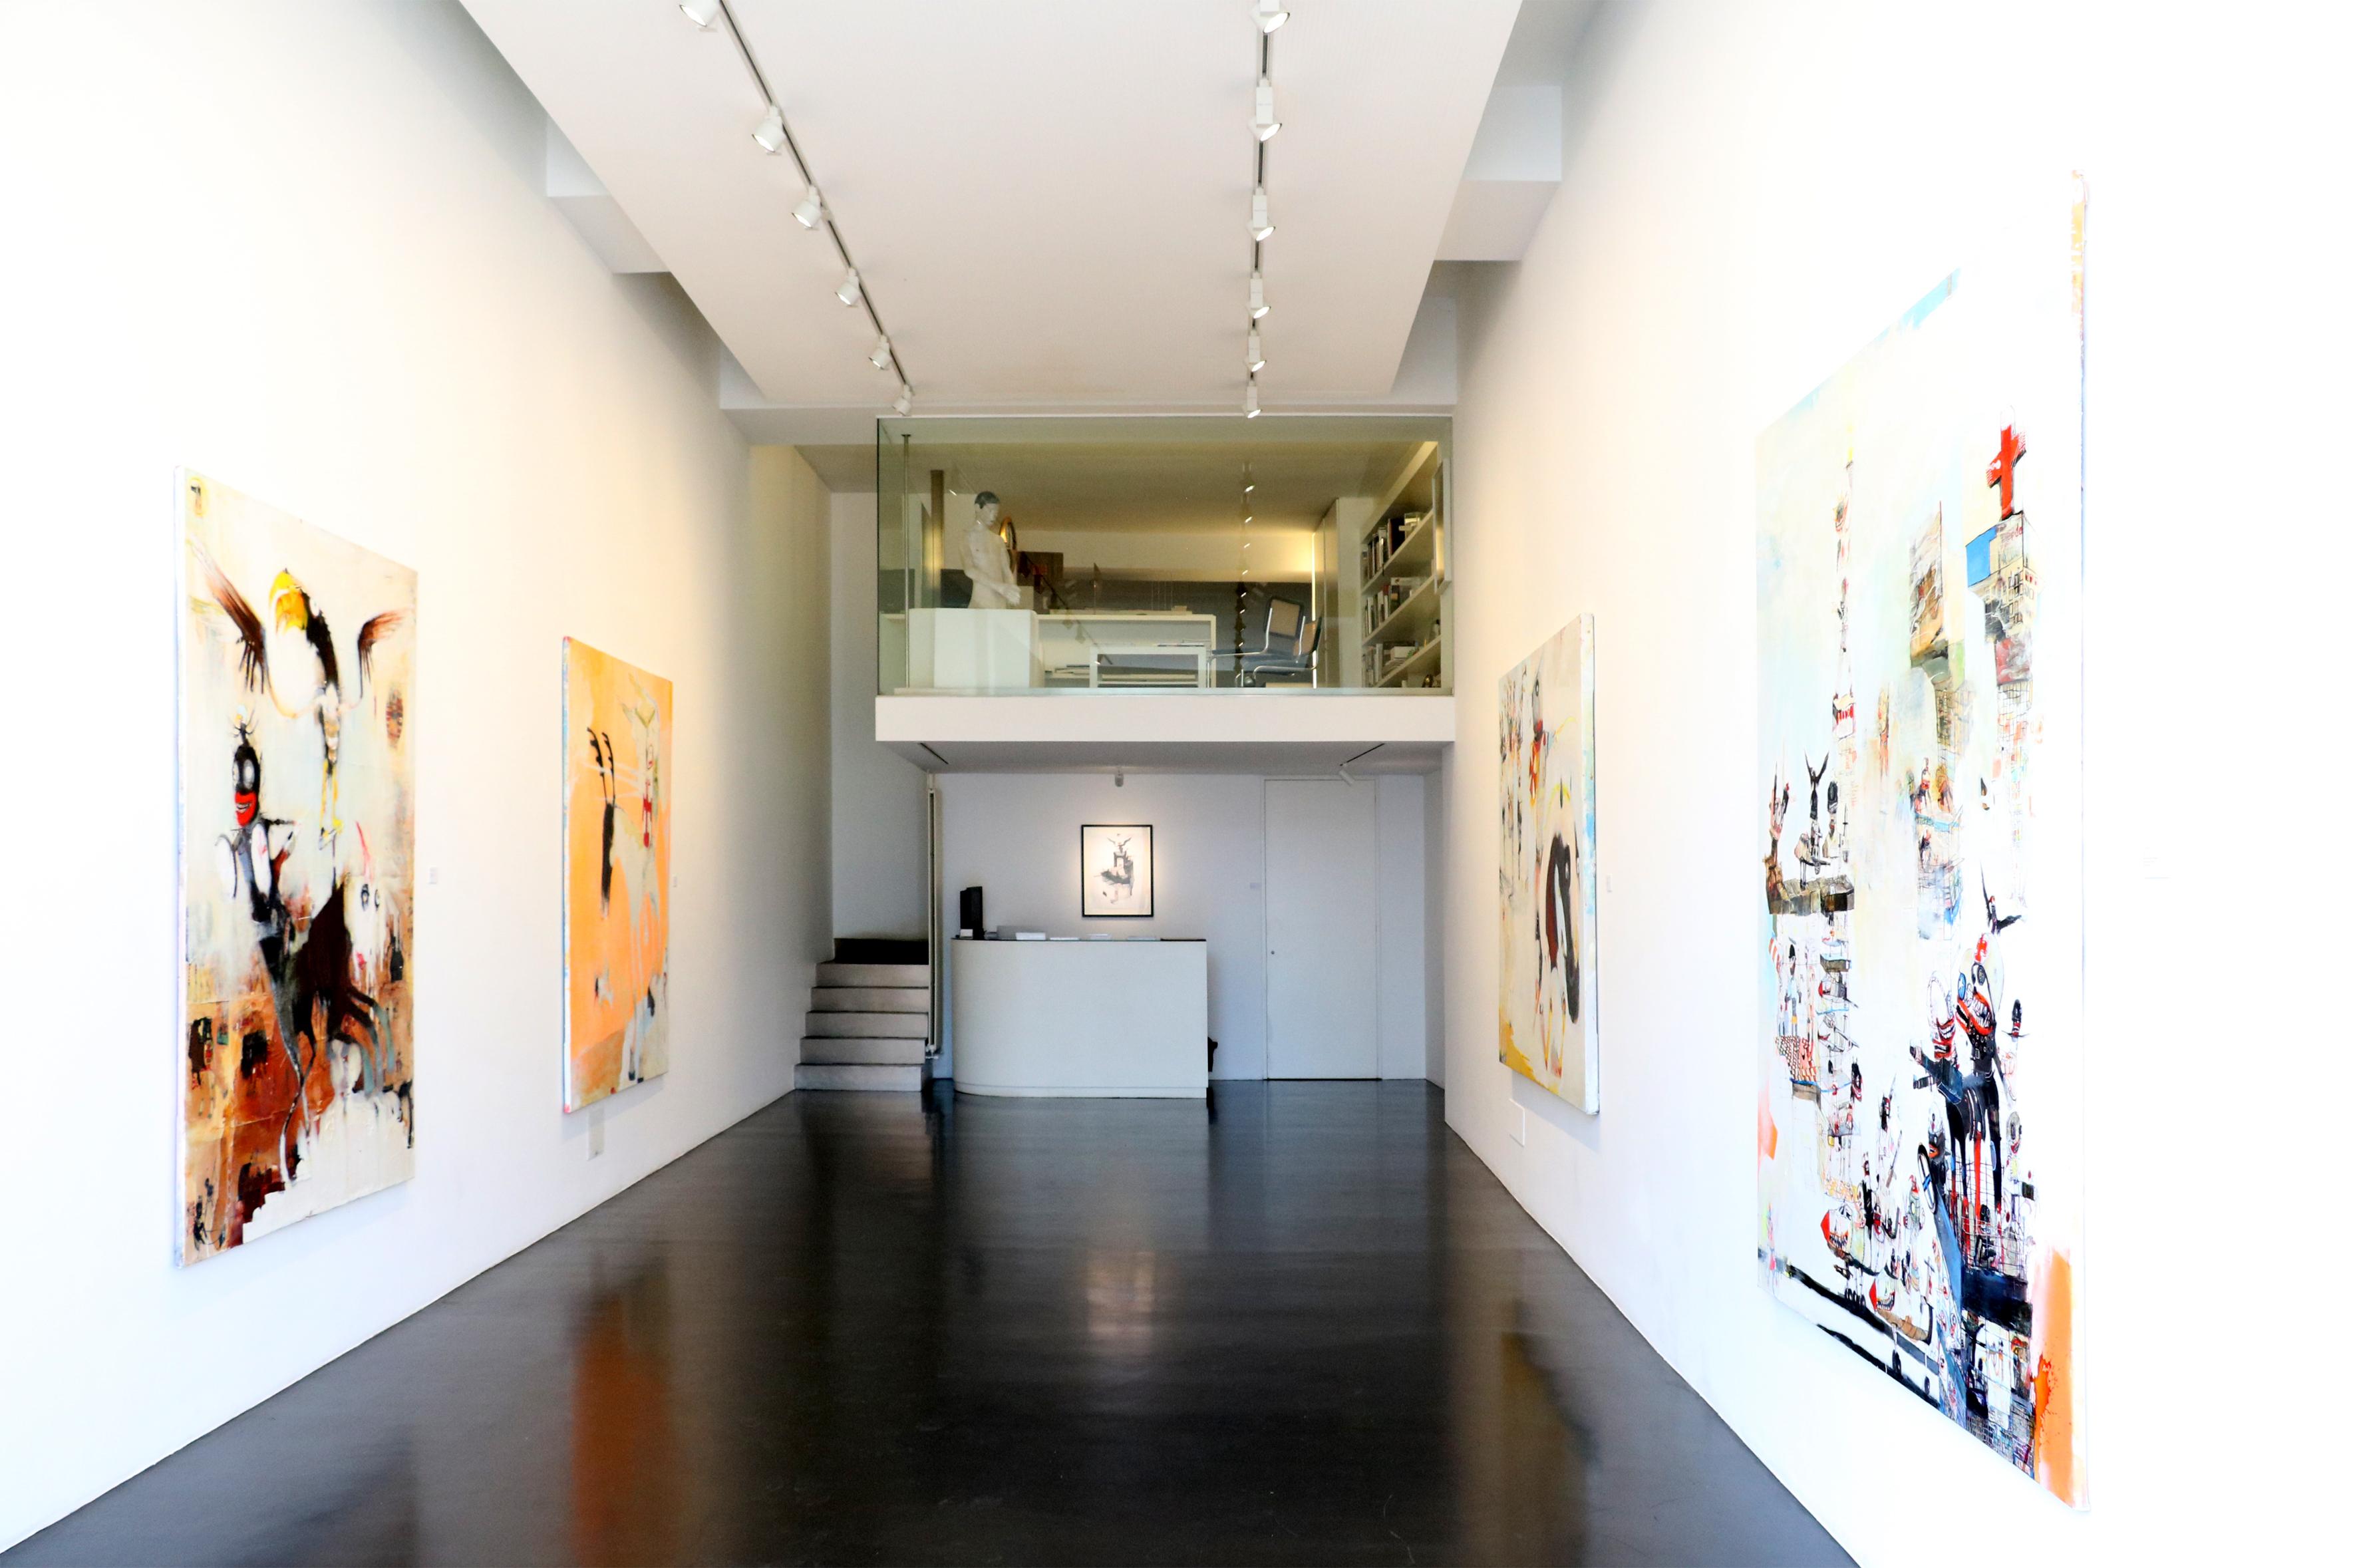 Kinki Texas, veduta della mostra Mental Shiloh Supper Club, Alessandro Casciaro Art Gallery, Bolzano